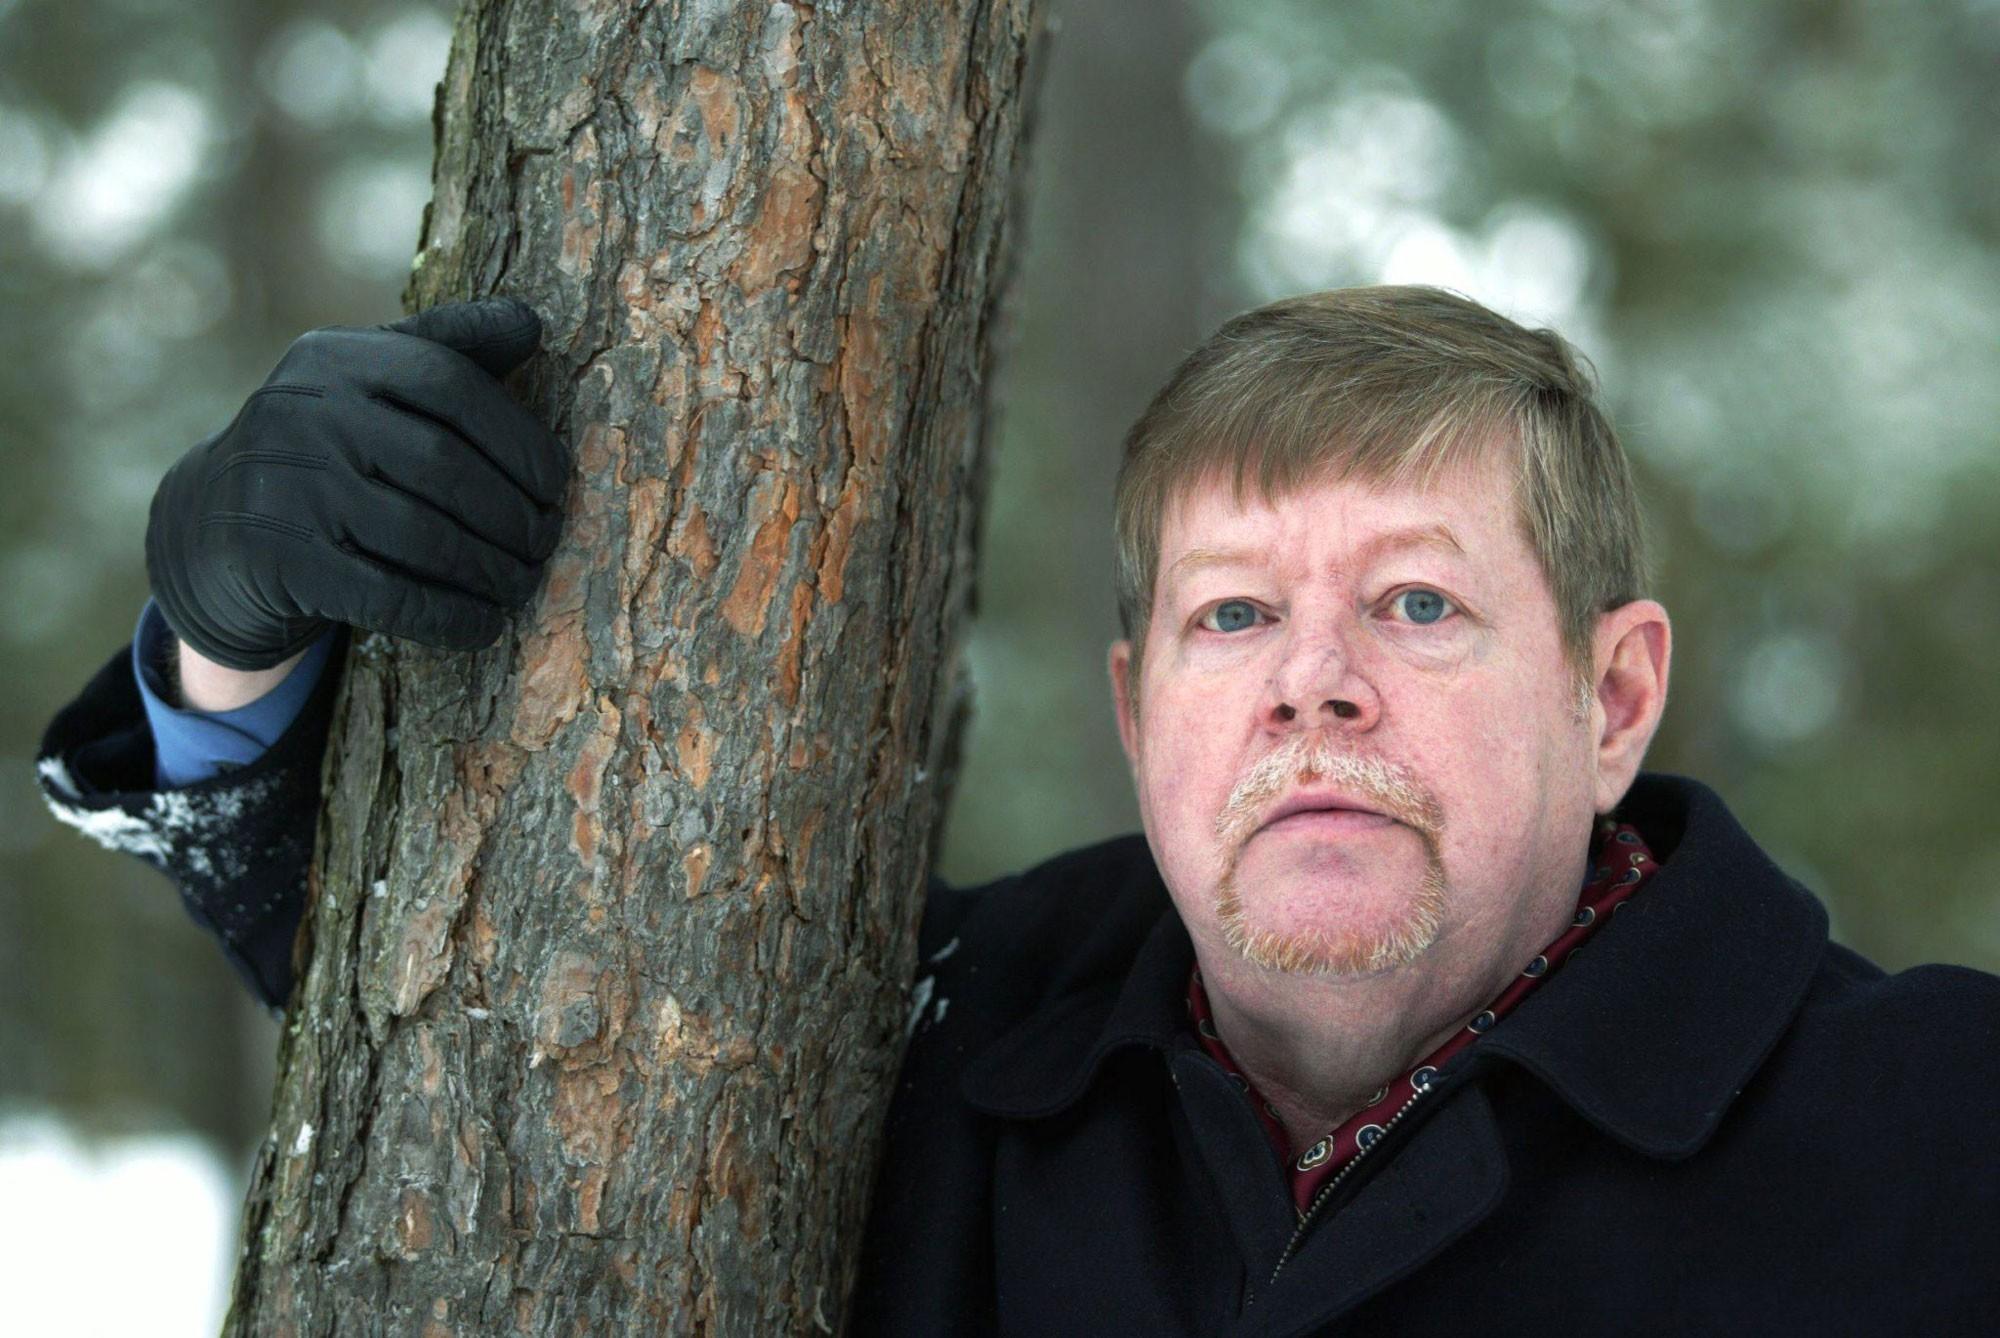 Arto Paasilinna, escritor best seller finlandês, morre aos 76 anos